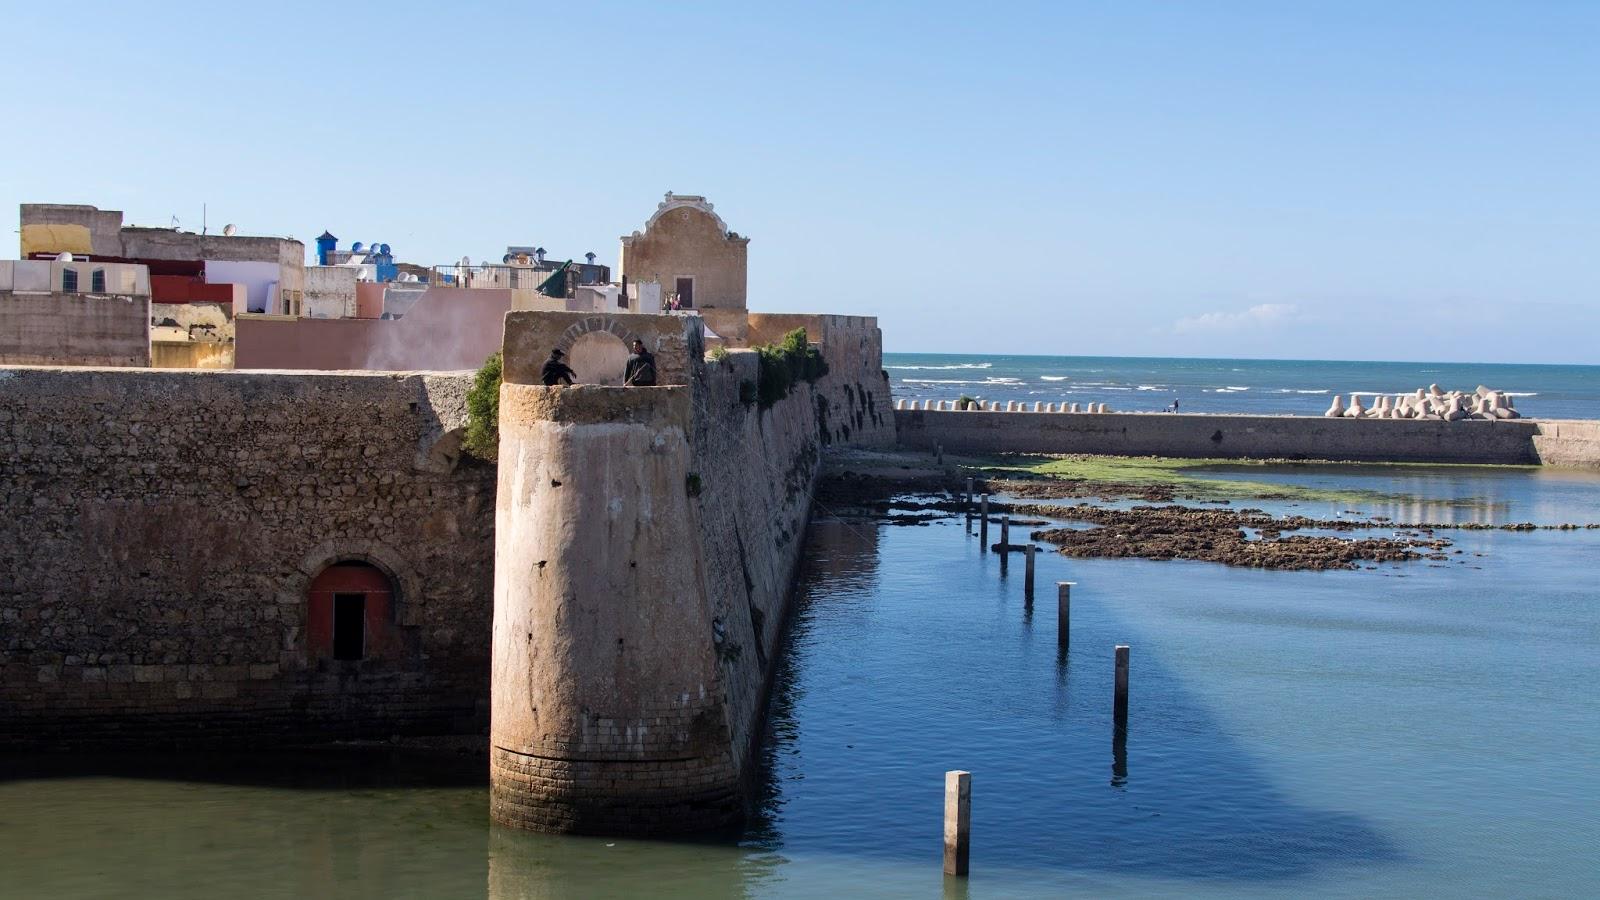 Португальский замок Эль-Хейль